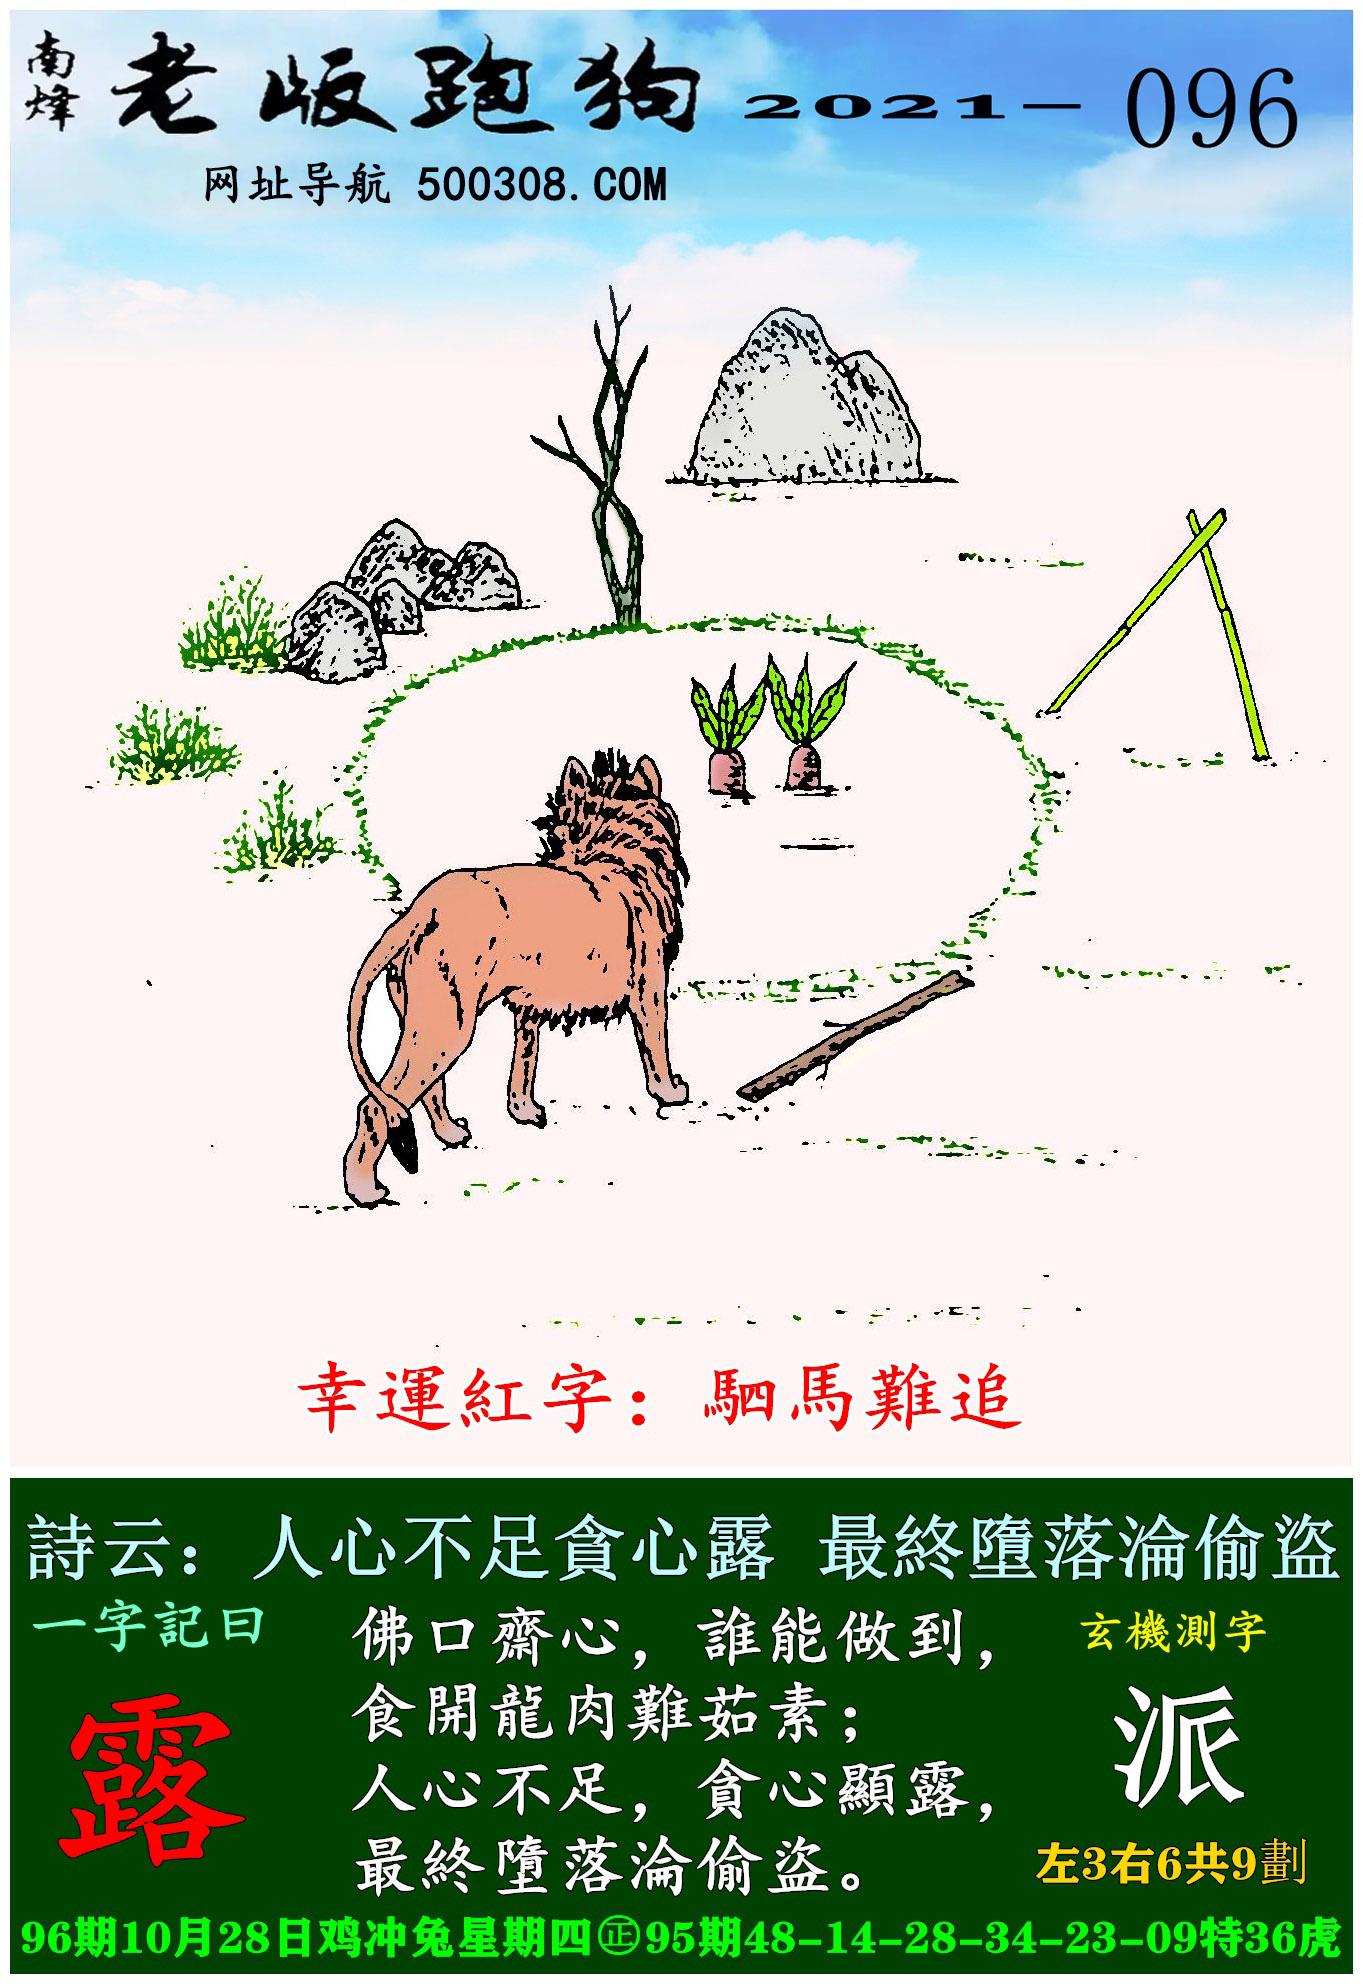 096期老版跑狗一字�之曰:【露】 ��:人心不足�心露,最�K��落�S偷�I。